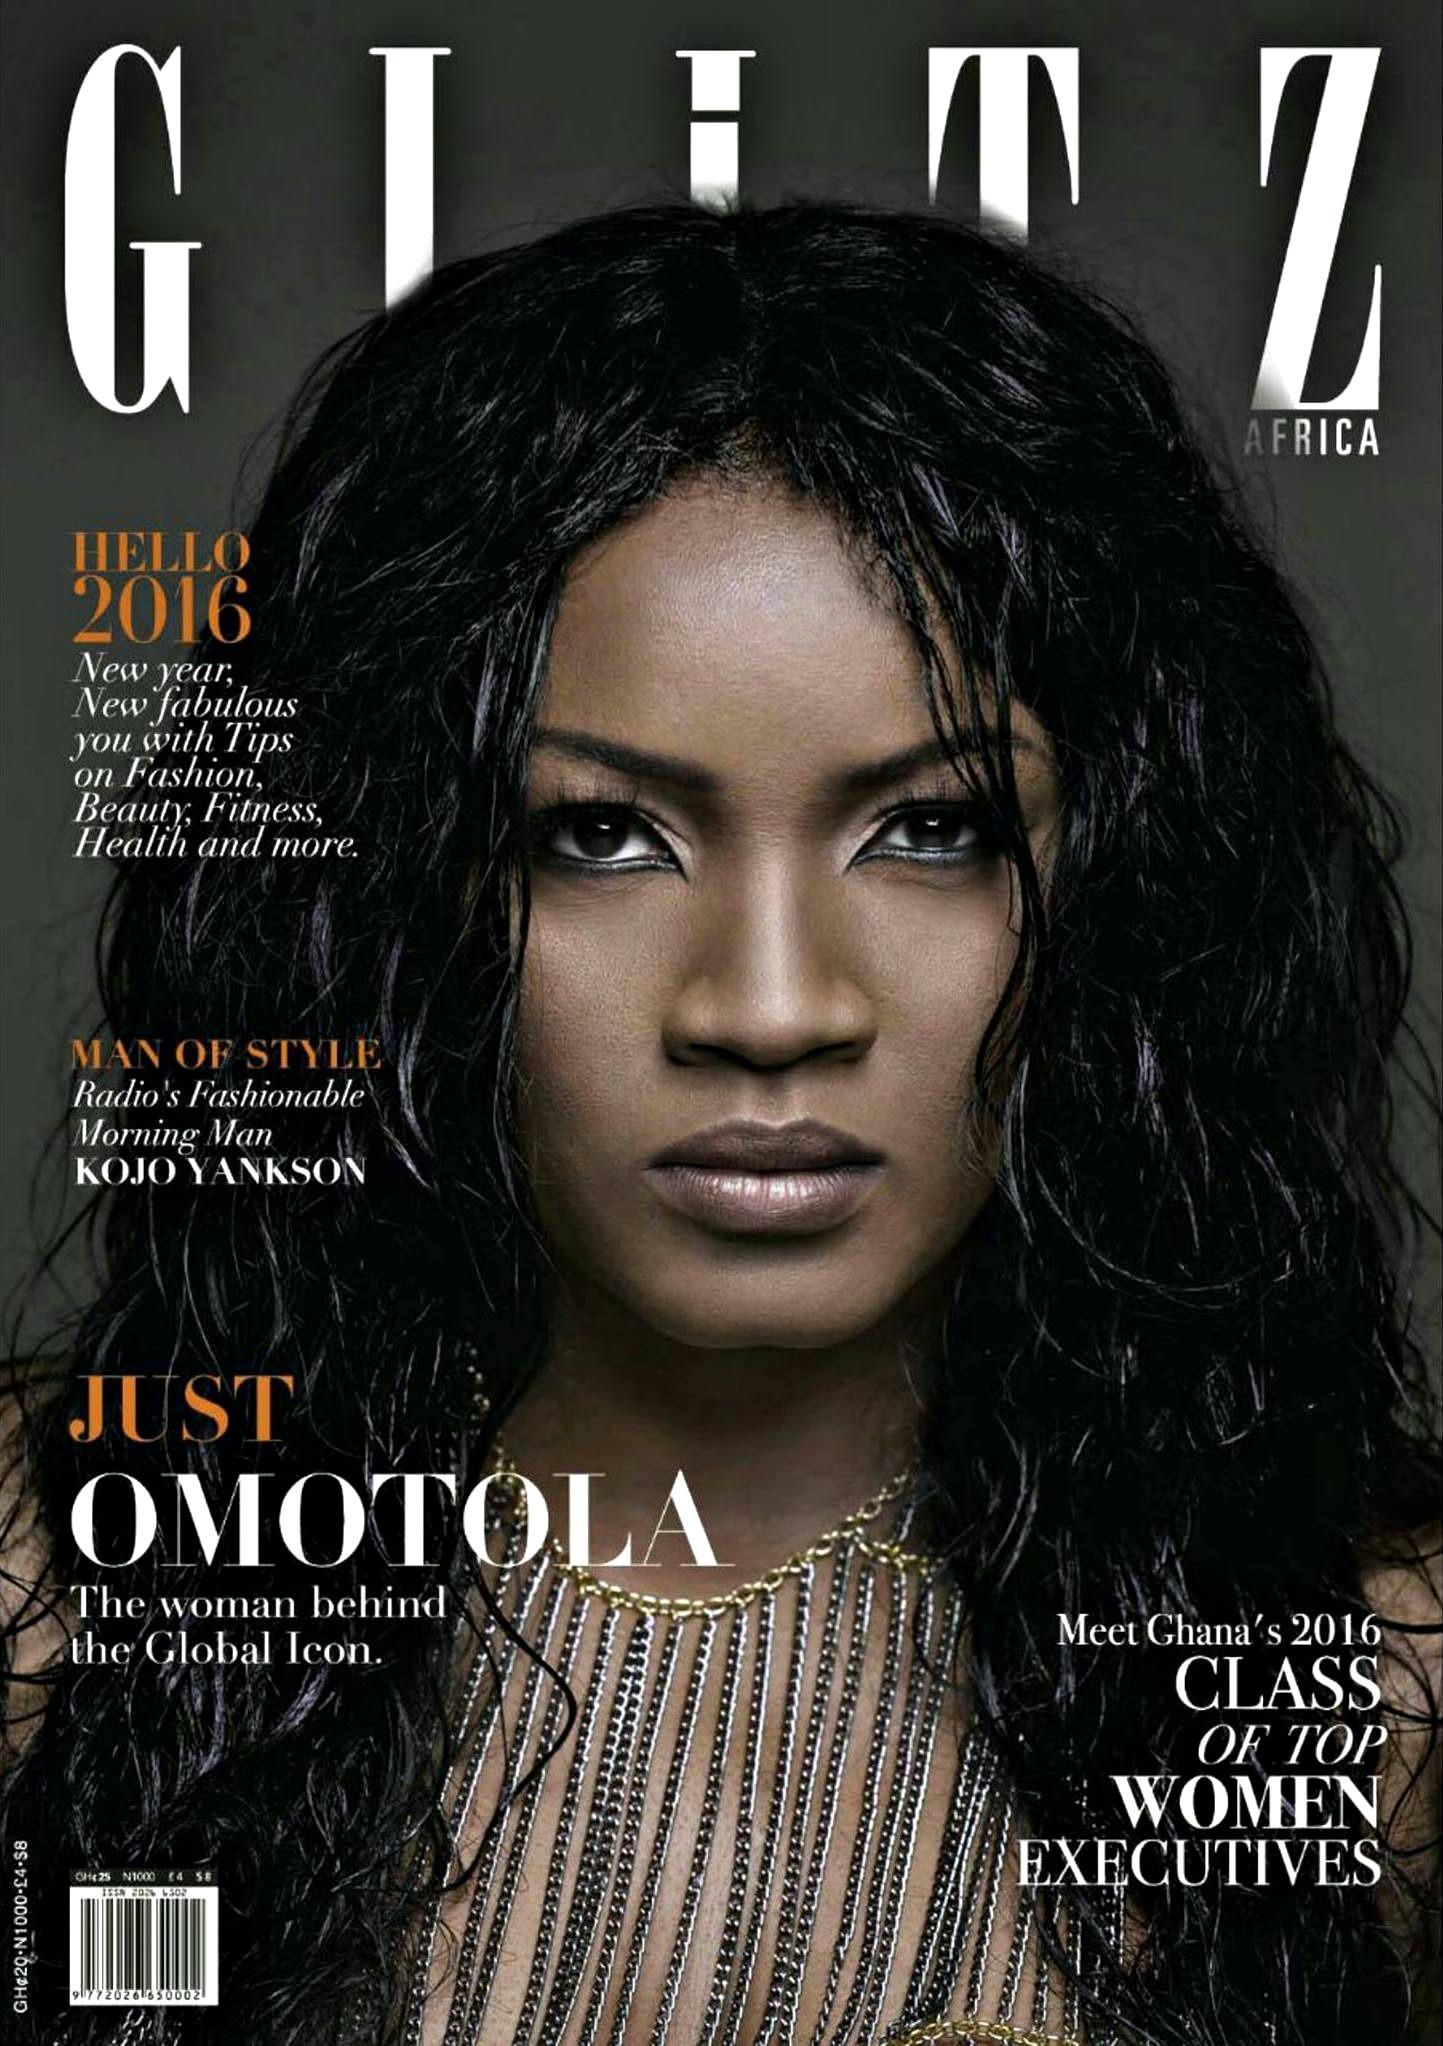 Glitz imane Magazine